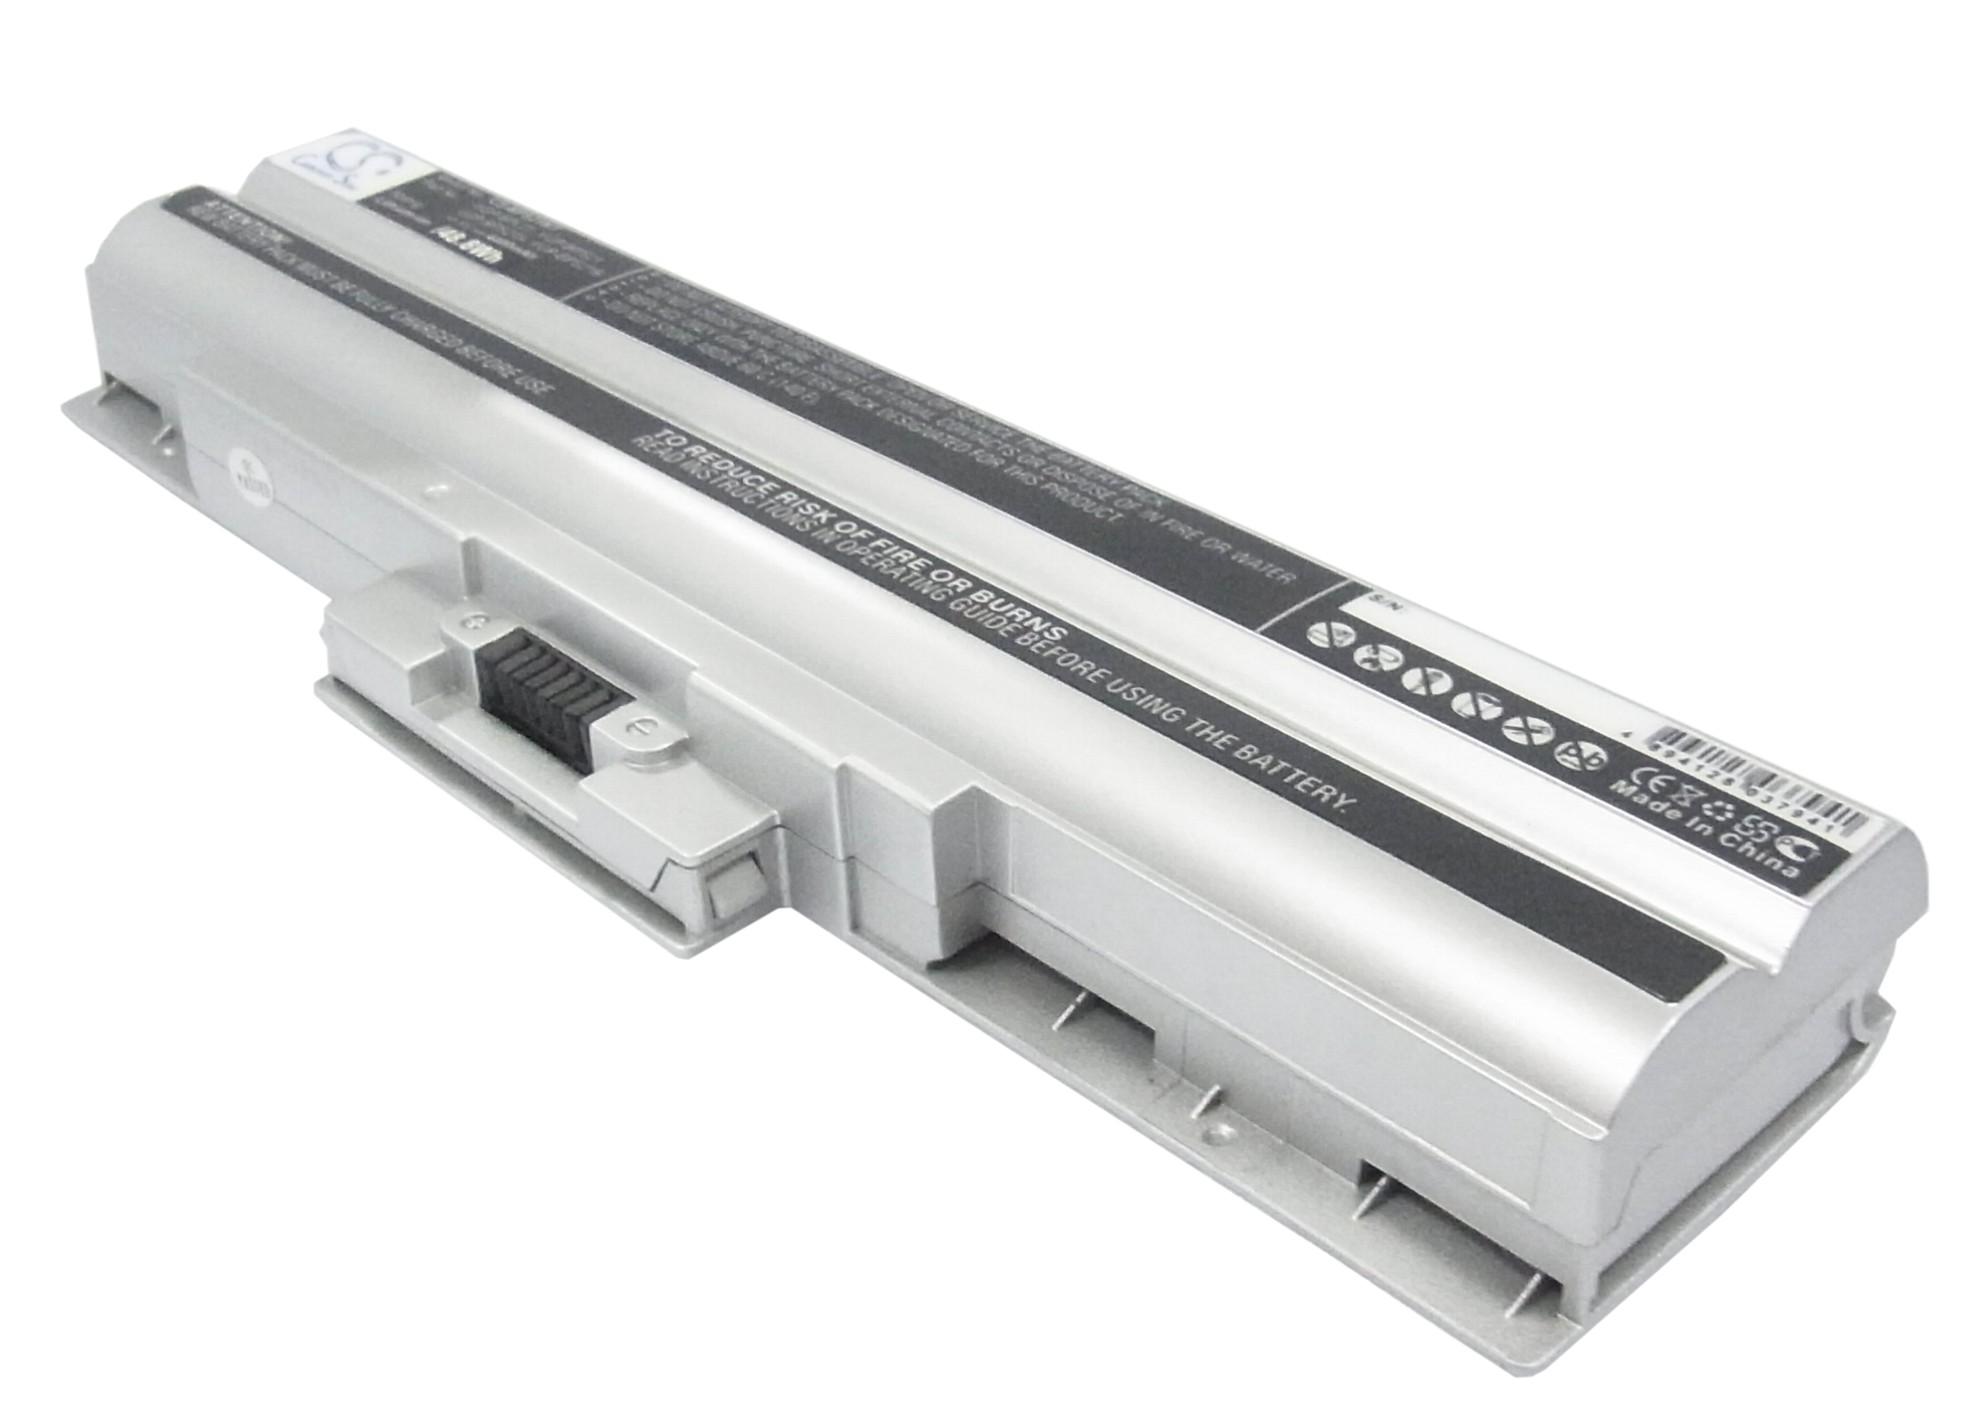 Cameron Sino baterie do notebooků pro SONY VAIO VGN-CS36GJ/T 11.1V Li-ion 4400mAh stříbrná - neoriginální